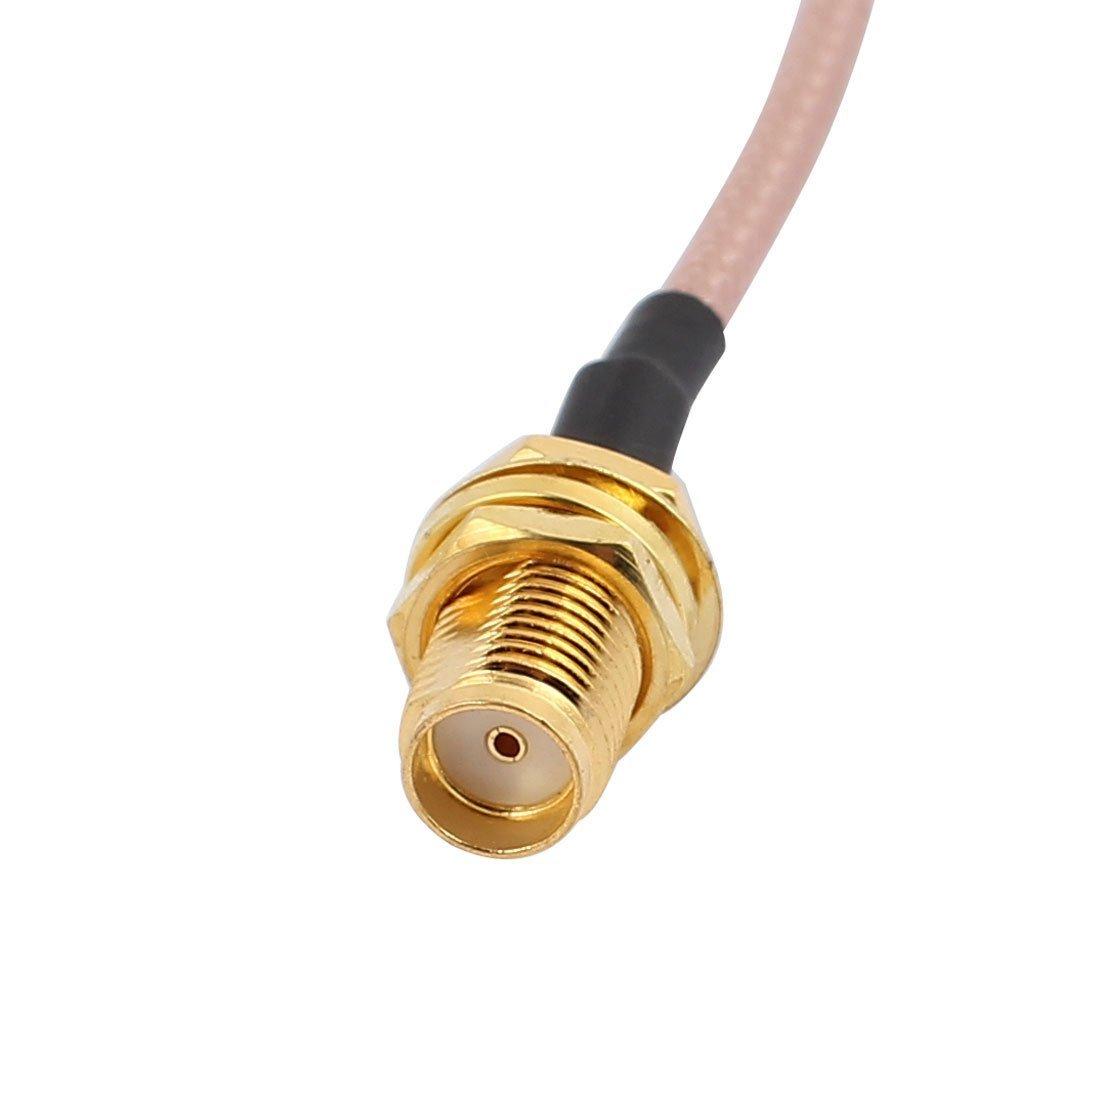 Amazon.com: eDealMax Oro SMA Masculino adaptador Macho del conector RP-SMA RG178 Cable coaxial Para Satellite Television 15CM: Electronics